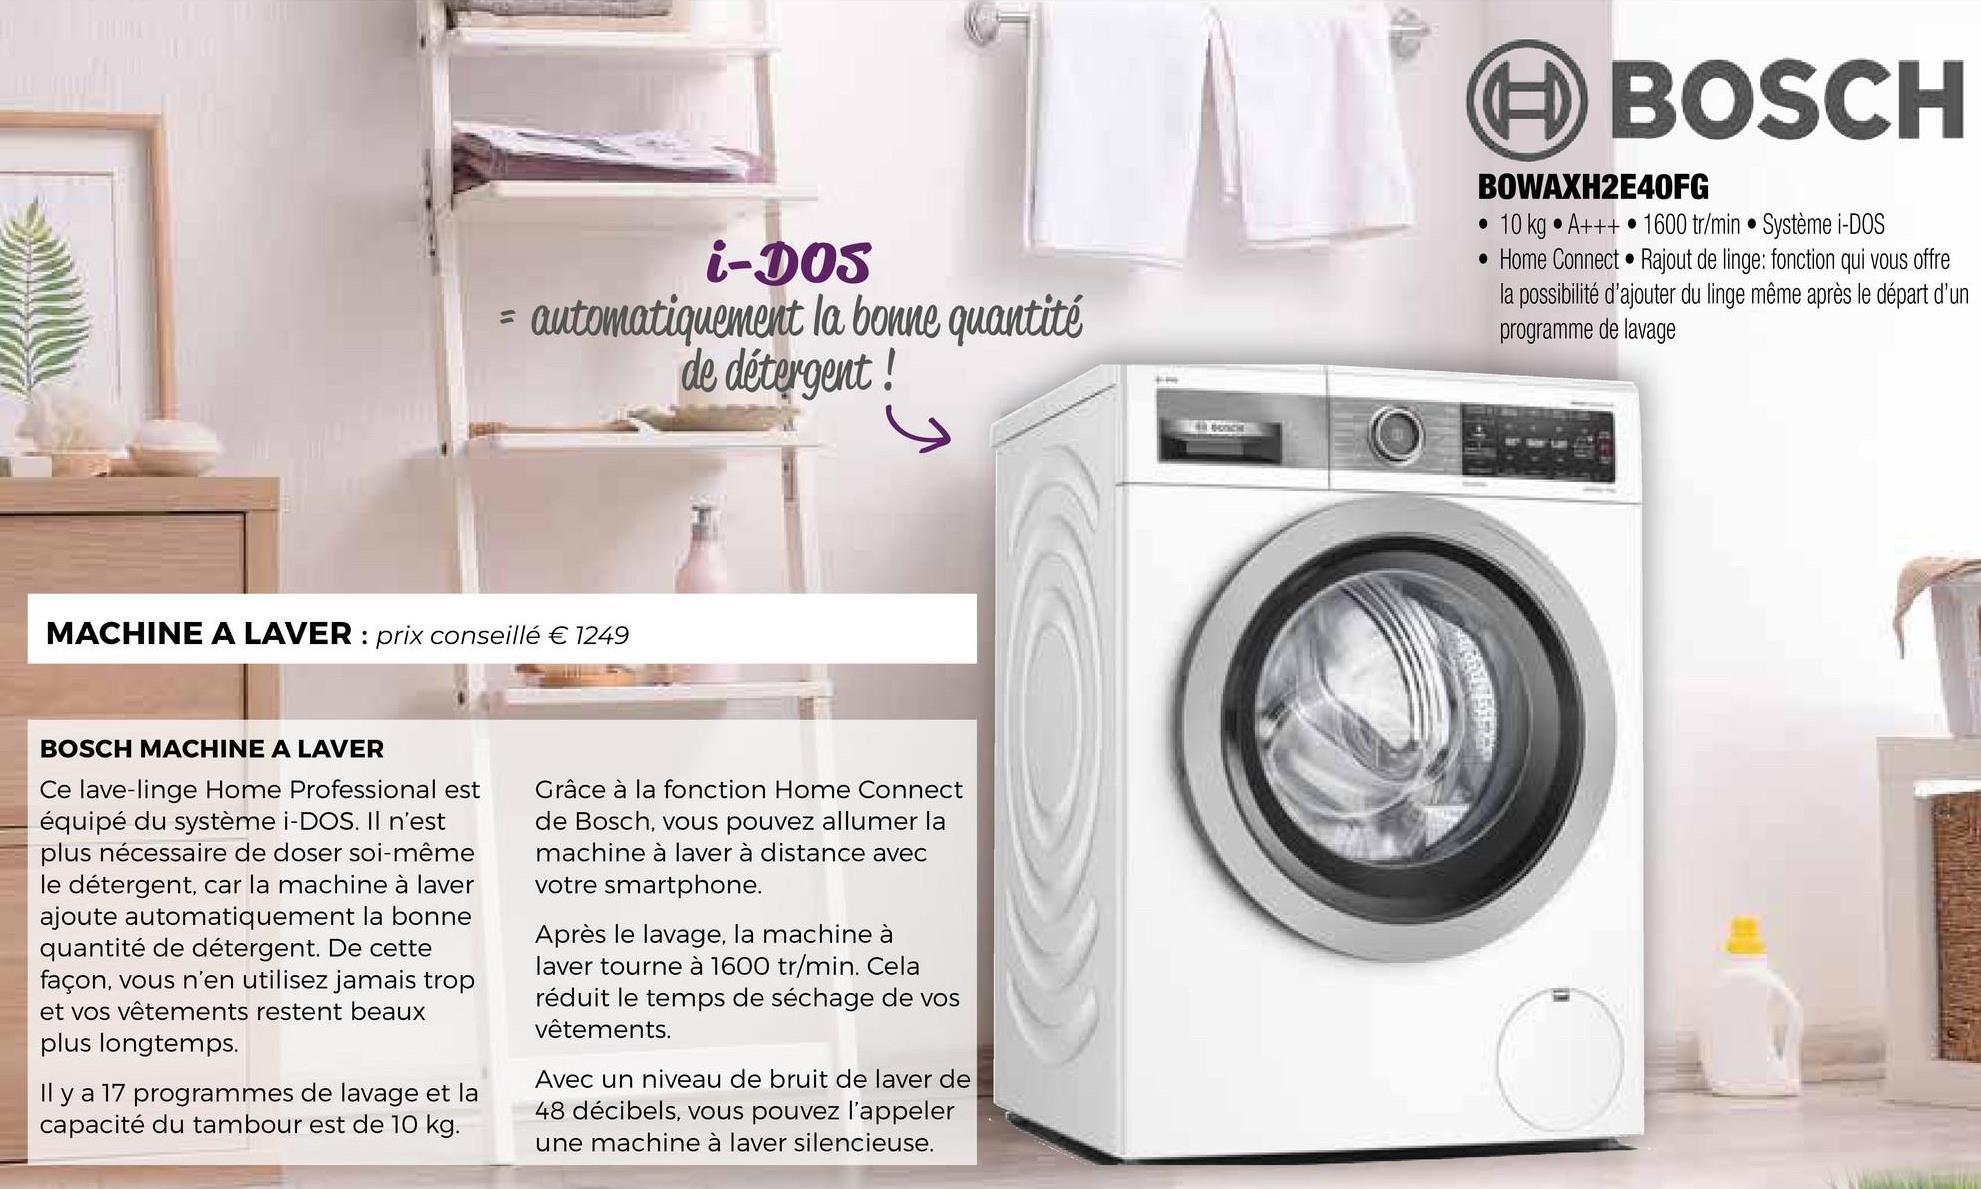 BOSCH i-DOS - automatiquement la bonne quantité de détergent ! BOWAXH2E40FG • 10 kg • A+++ • 1600 tr/min • Système i-DOS • Home Connect. Rajout de linge: fonction qui vous offre la possibilité d'ajouter du linge même après le départ d'un programme de lavage MACHINE A LAVER : prix conseillé € 1249 BOSCH MACHINE A LAVER Ce lave-linge Home Professional est équipé du système i-DOS. Il n'est plus nécessaire de doser soi-même le détergent, car la machine à laver ajoute automatiquement la bonne quantité de détergent. De cette façon, vous n'en utilisez jamais trop et vos vêtements restent beaux plus longtemps. Grâce à la fonction Home Connect de Bosch, vous pouvez allumer la machine à laver à distance avec votre smartphone. Après le lavage, la machine à laver tourne à 1600 tr/min. Cela réduit le temps de séchage de vos vêtements. Il y a 17 programmes de lavage et la capacité du tambour est de 10 kg. Avec un niveau de bruit de laver de 48 décibels, vous pouvez l'appeler une machine à laver silencieuse.